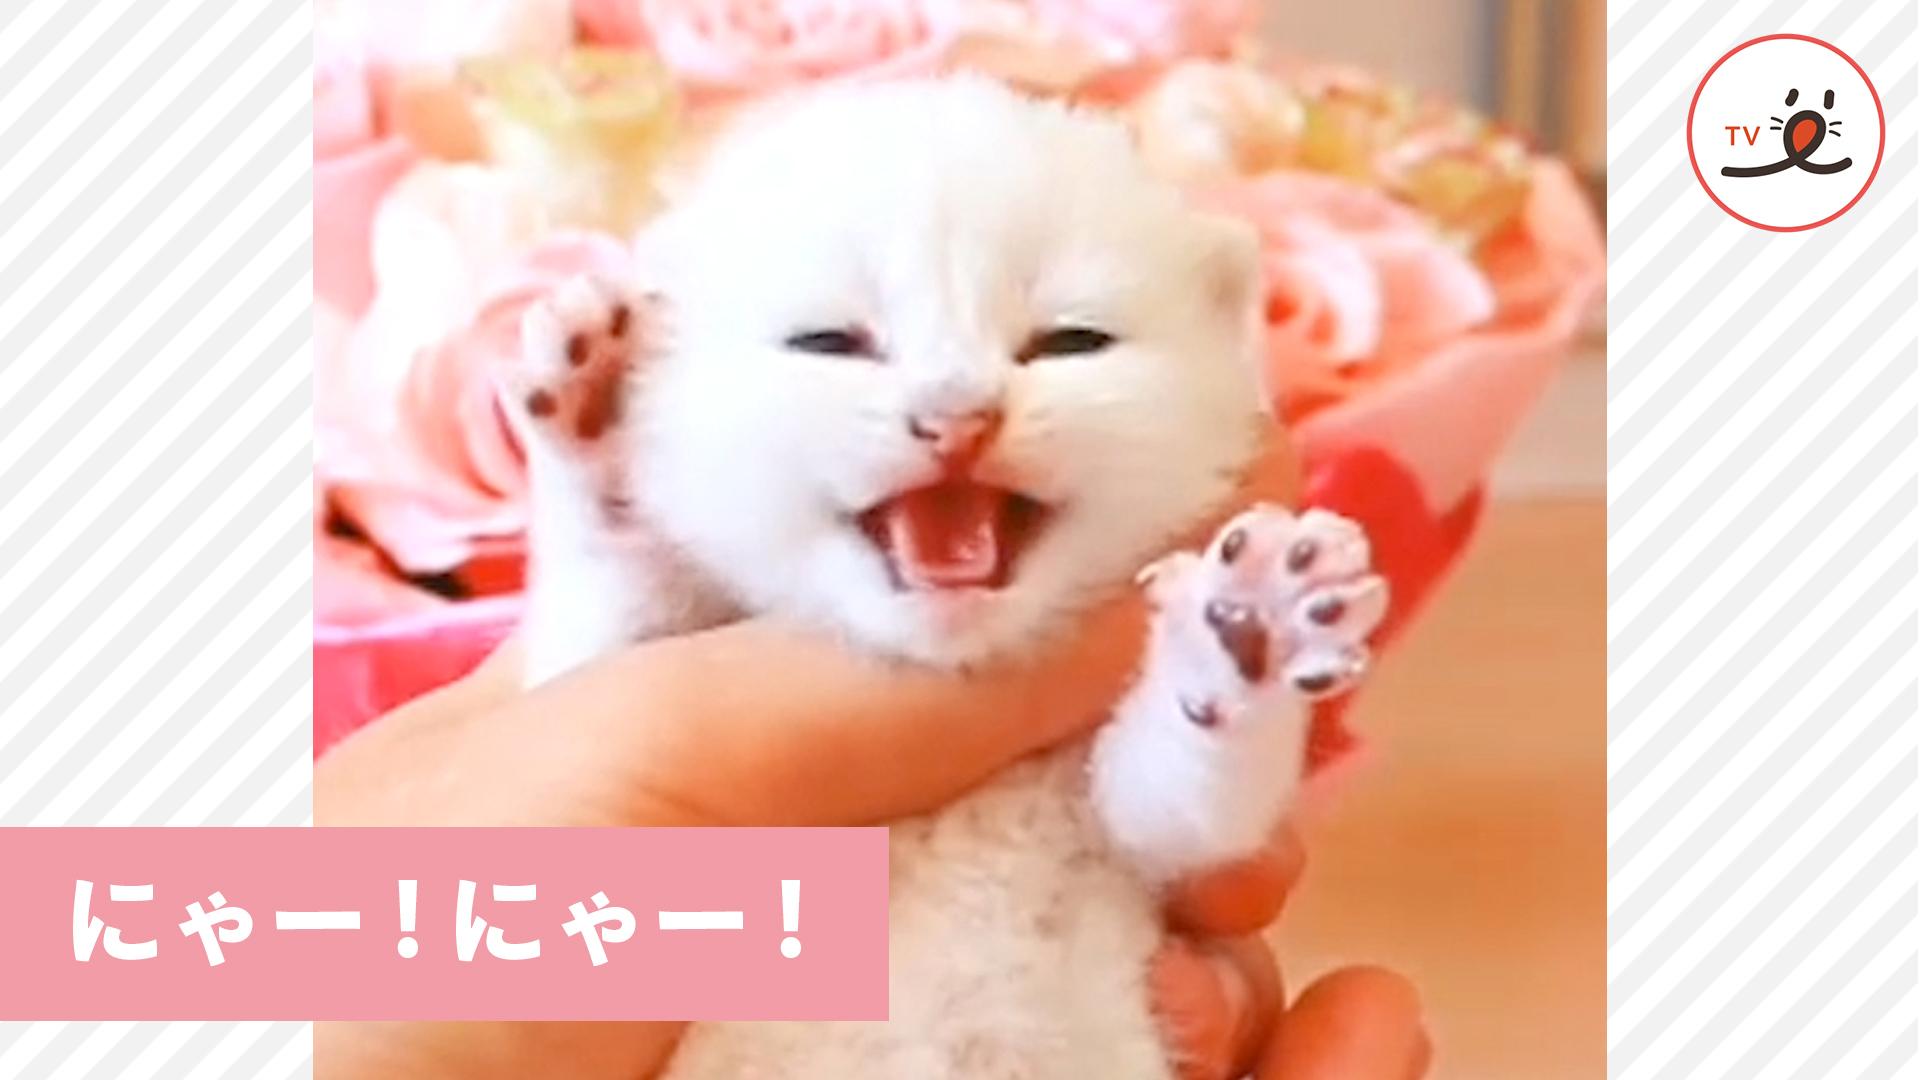 にゃーにゃー!と泣きやまない子猫ちゃん😿 すると、先輩猫がやってきて